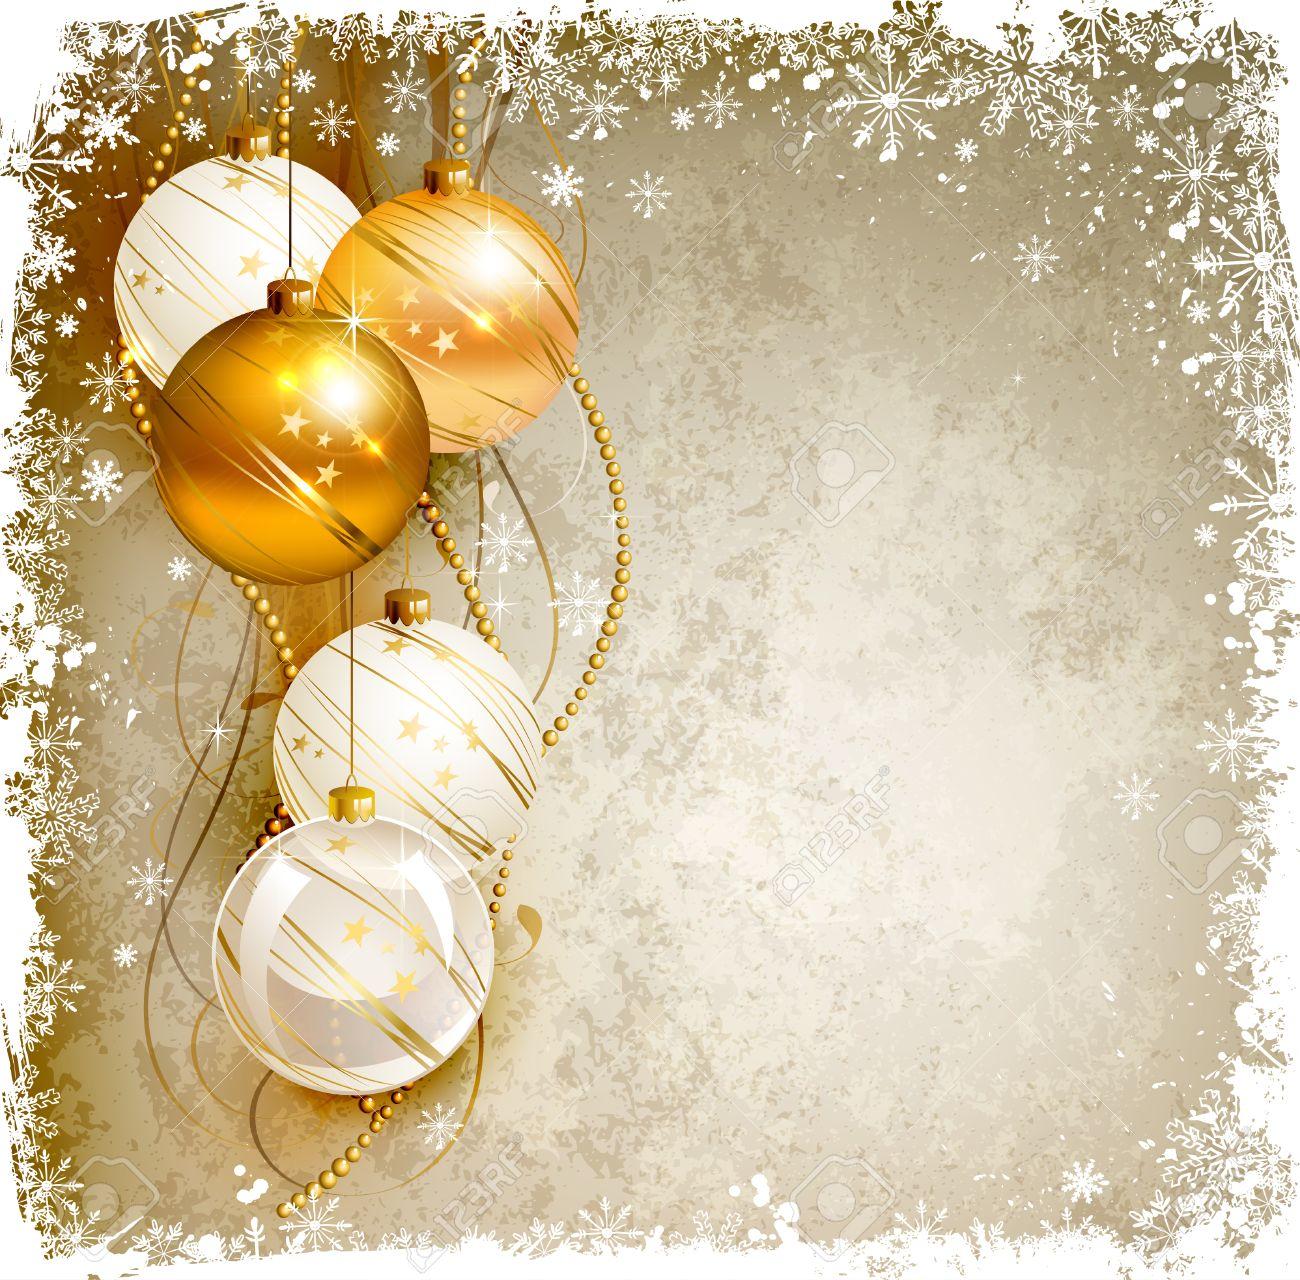 Elegant Christmas Background Images.Elegant Christmas Background With Gold And White Evening Baubles